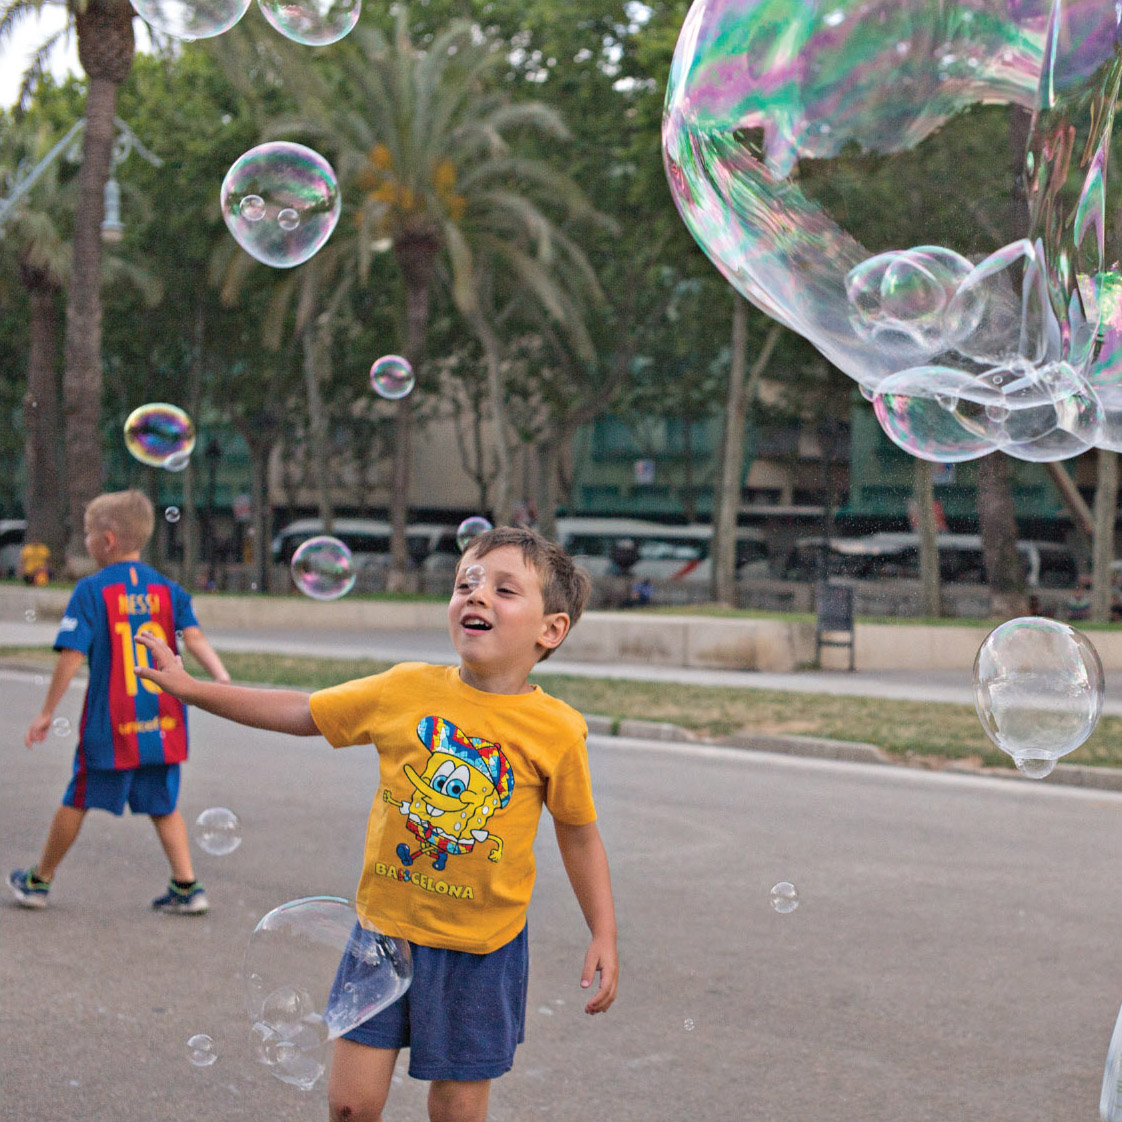 Myself_ Photographs of Children Pagesv2_interior 2-4.jpg